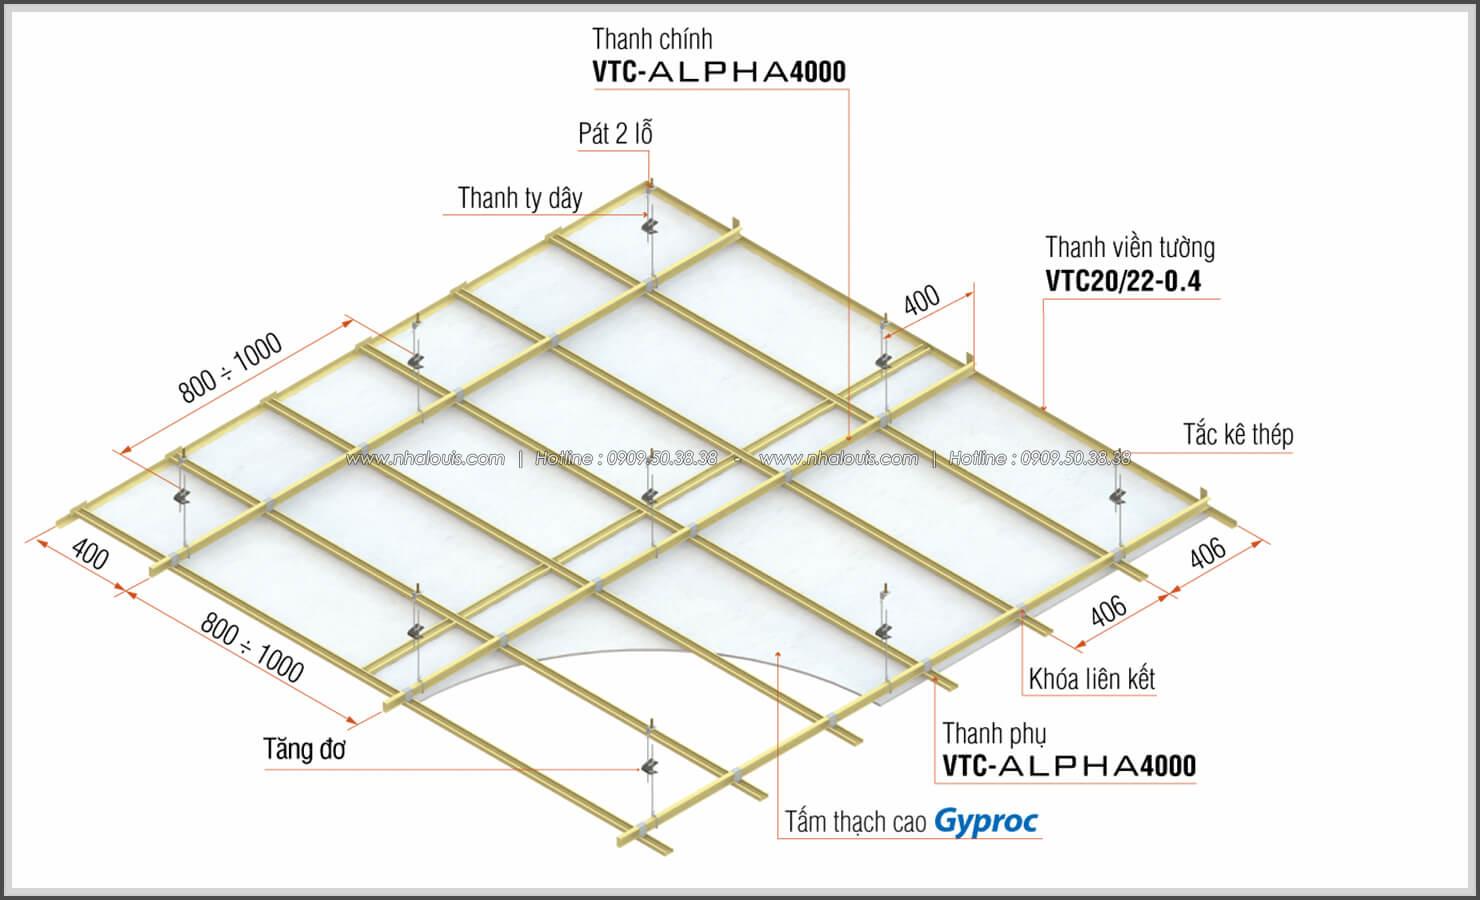 Cấu tạo trần thạch cao khung chìm Alpha và chi tiết vật tư Báo Giá Thi Công Hoàn Thiện - 04